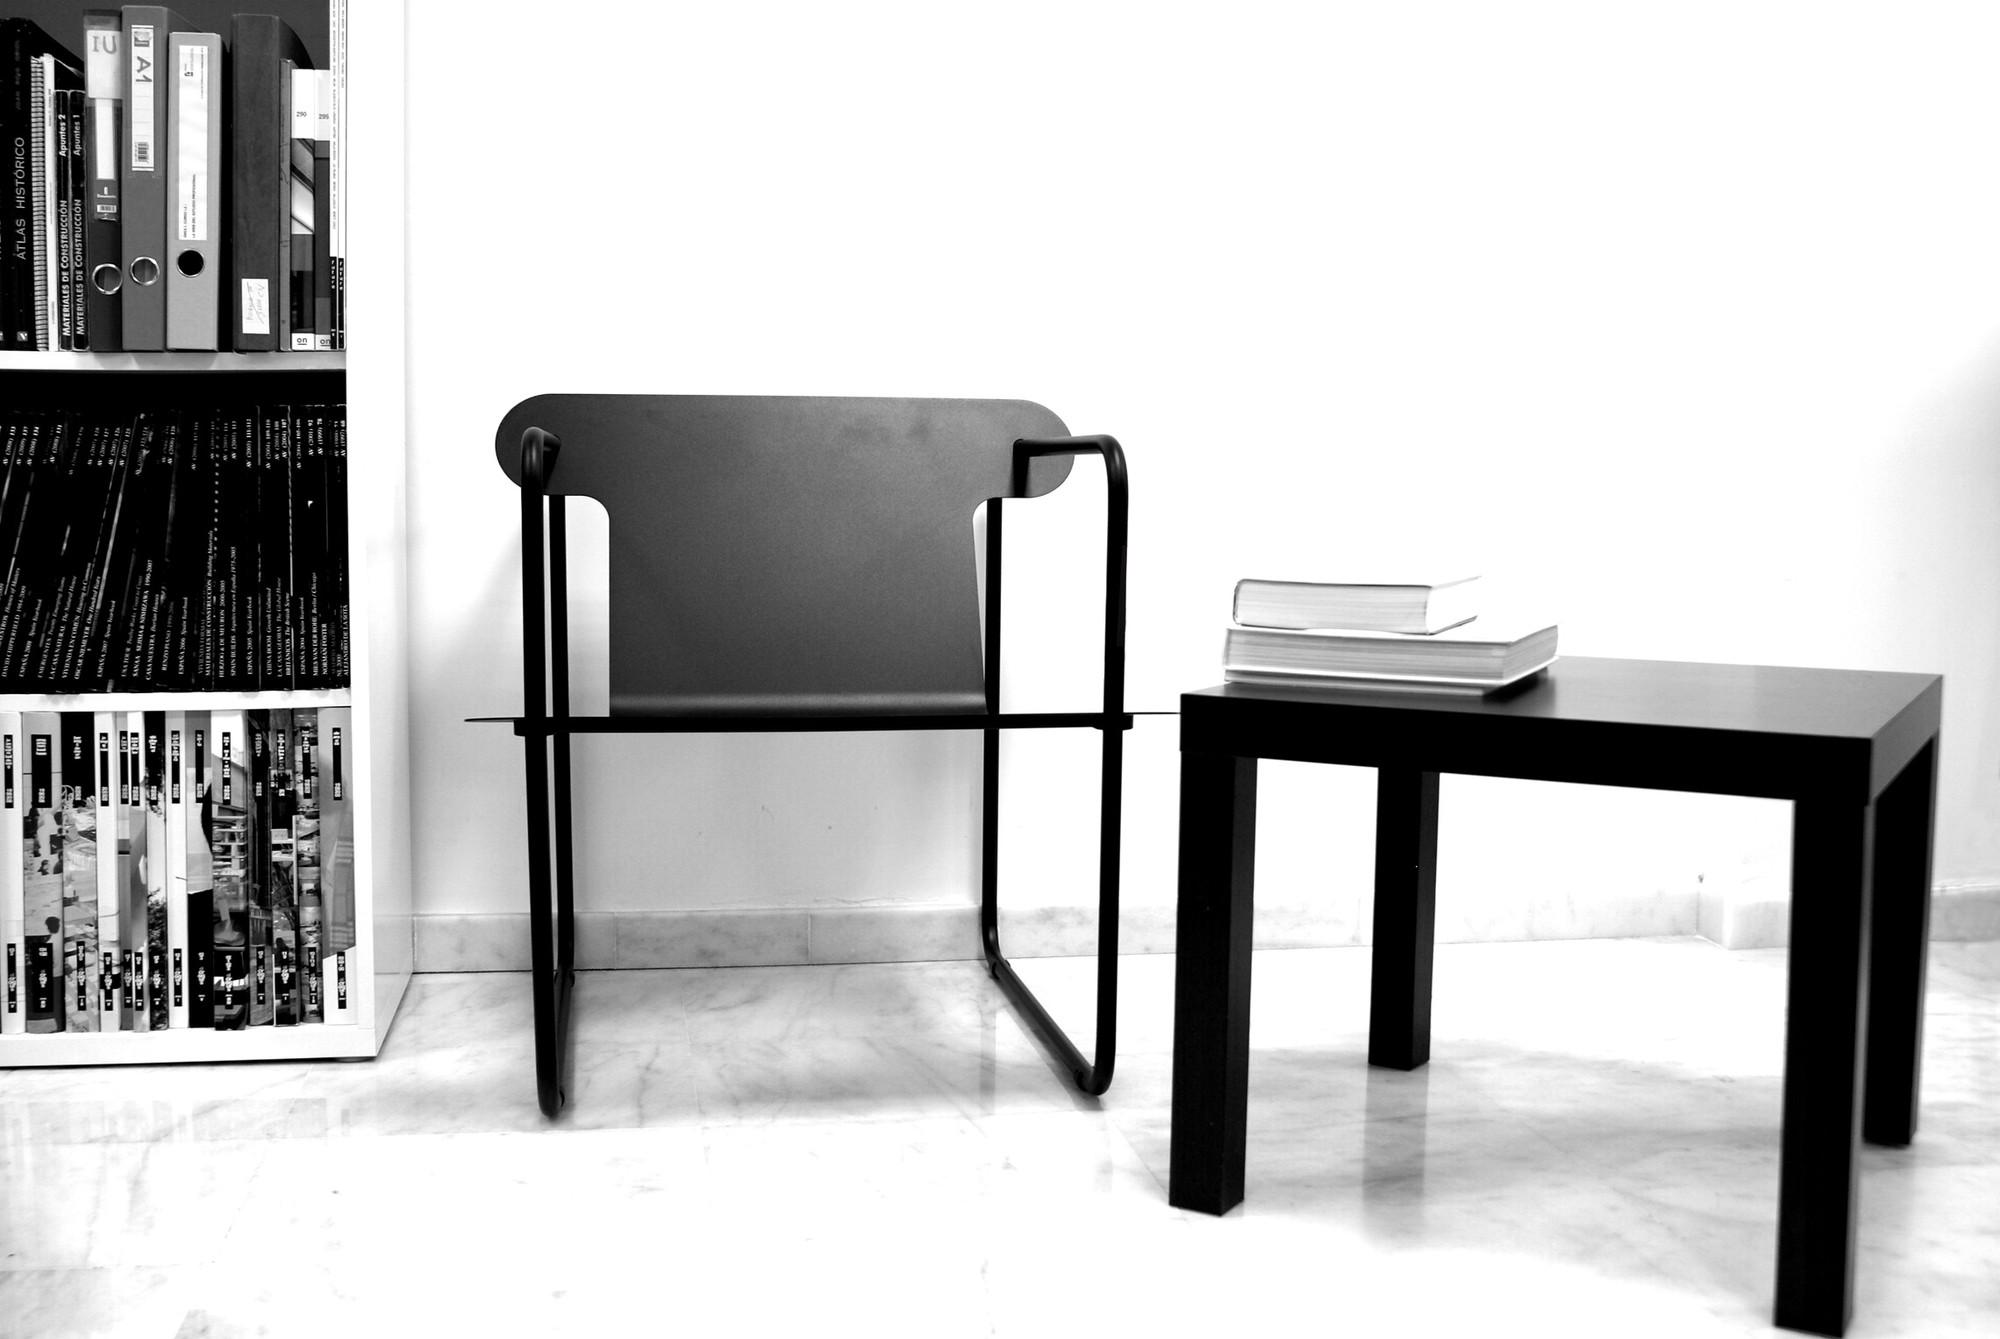 silla toad ignacio hornillos design studio archdaily